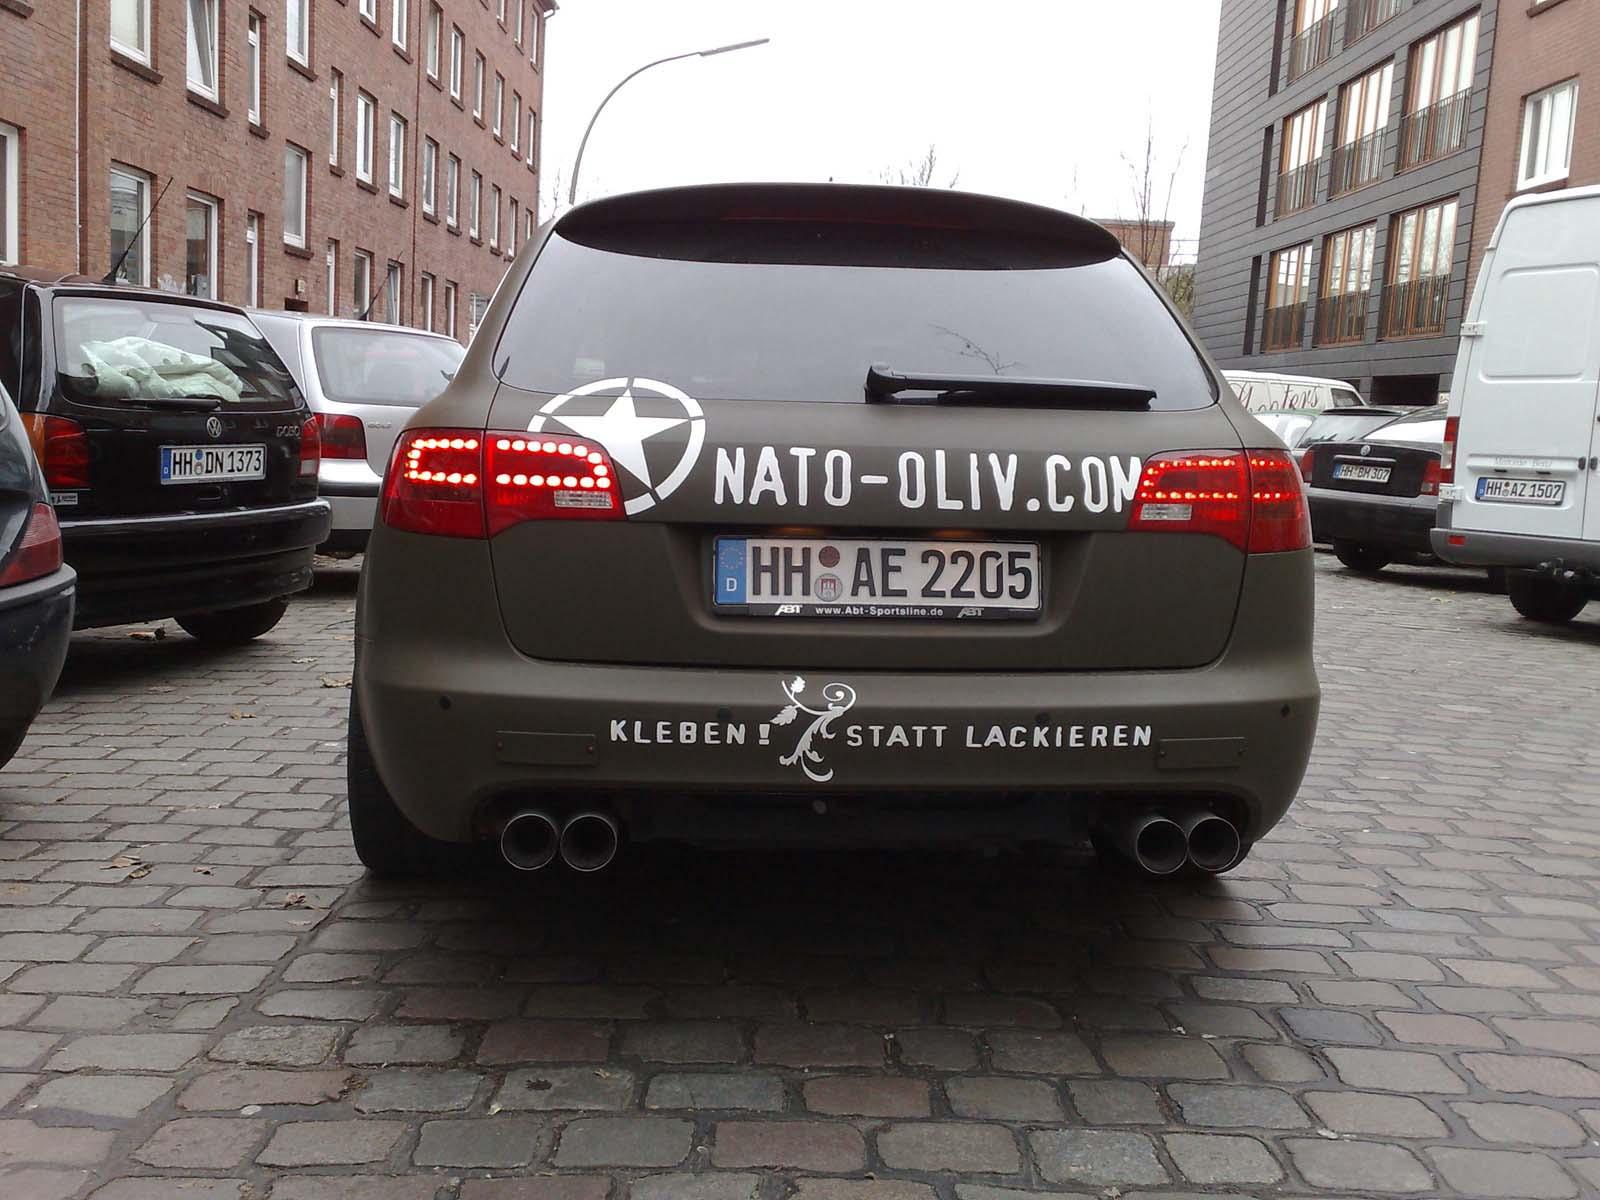 Audi_A6_Nato-Oliv_Folie_Beschriftung_09